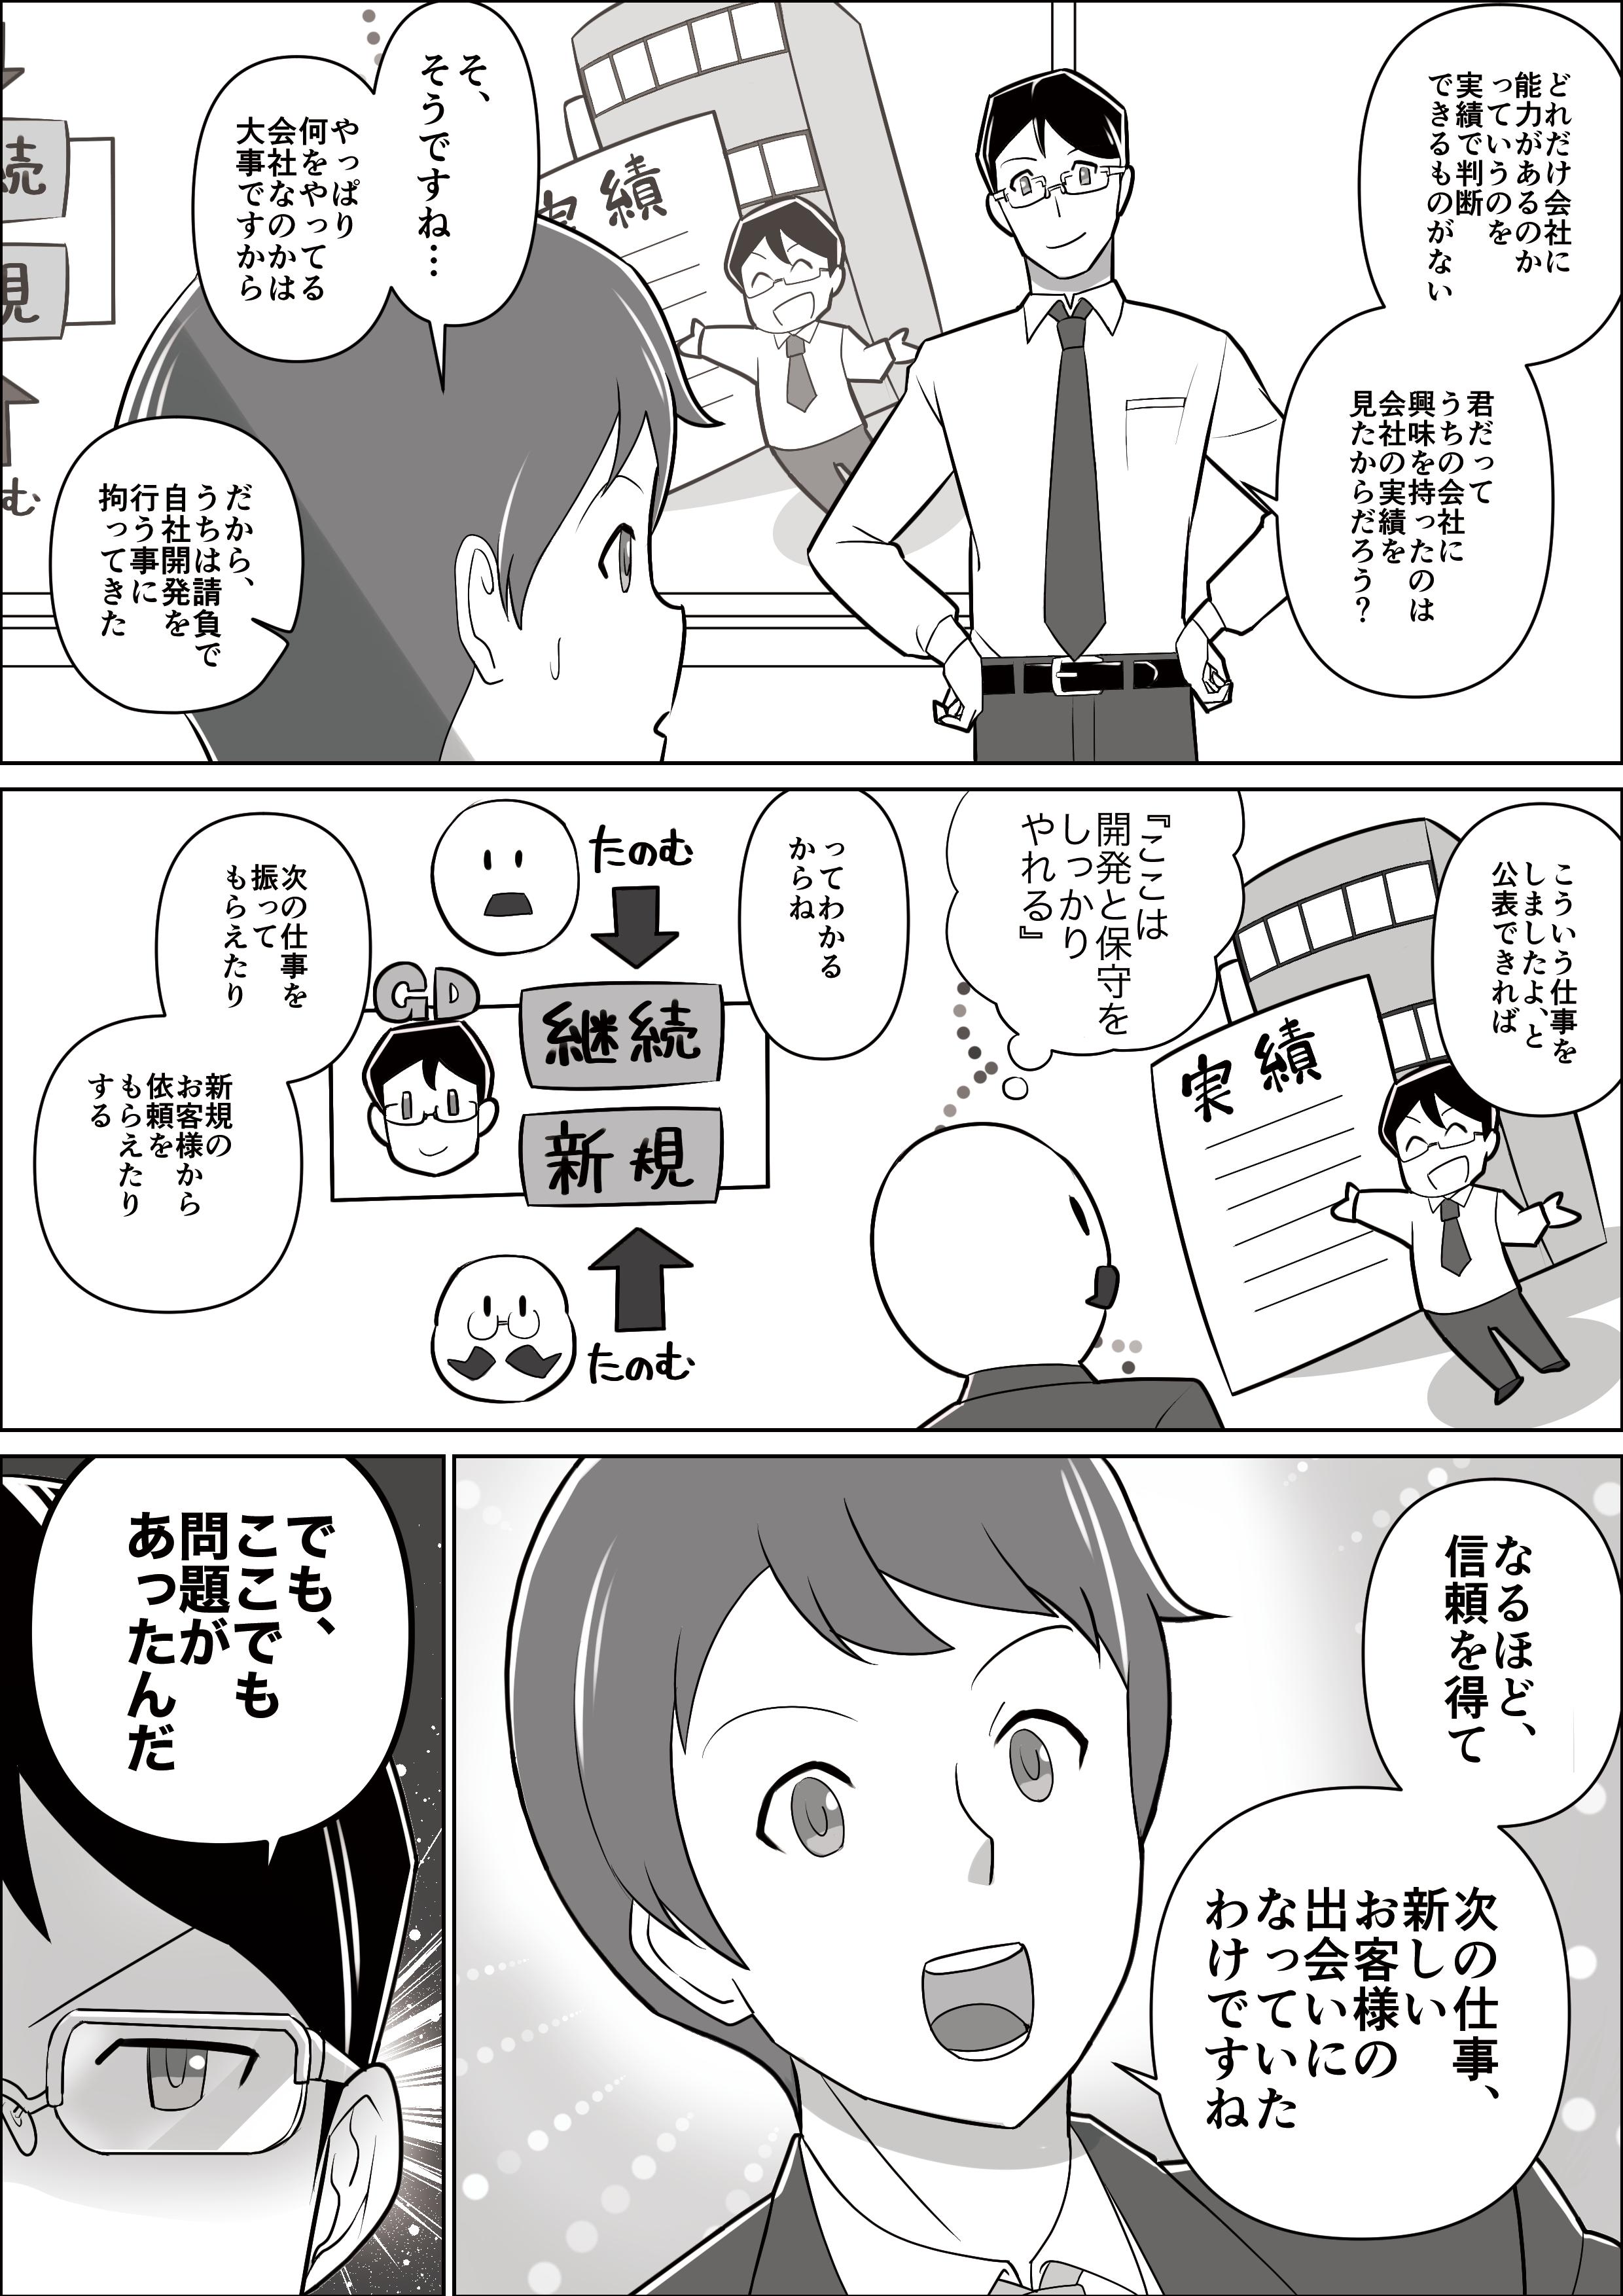 会社紹介漫画 新卒編4